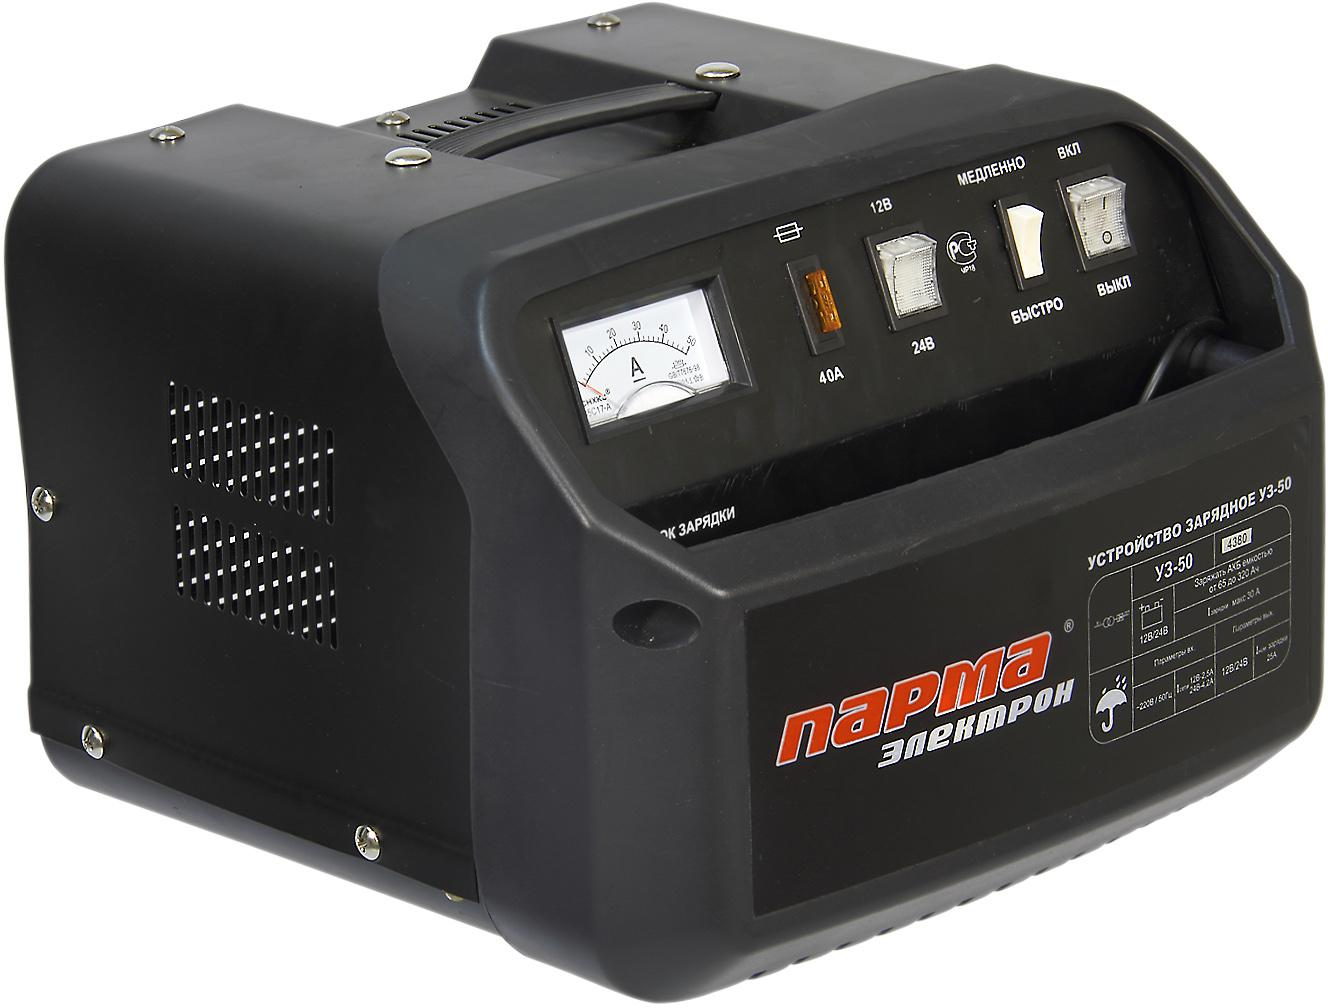 Зарядное устройство ПАРМА Электрон УЗ-50 зарядные устройства для электронных книг